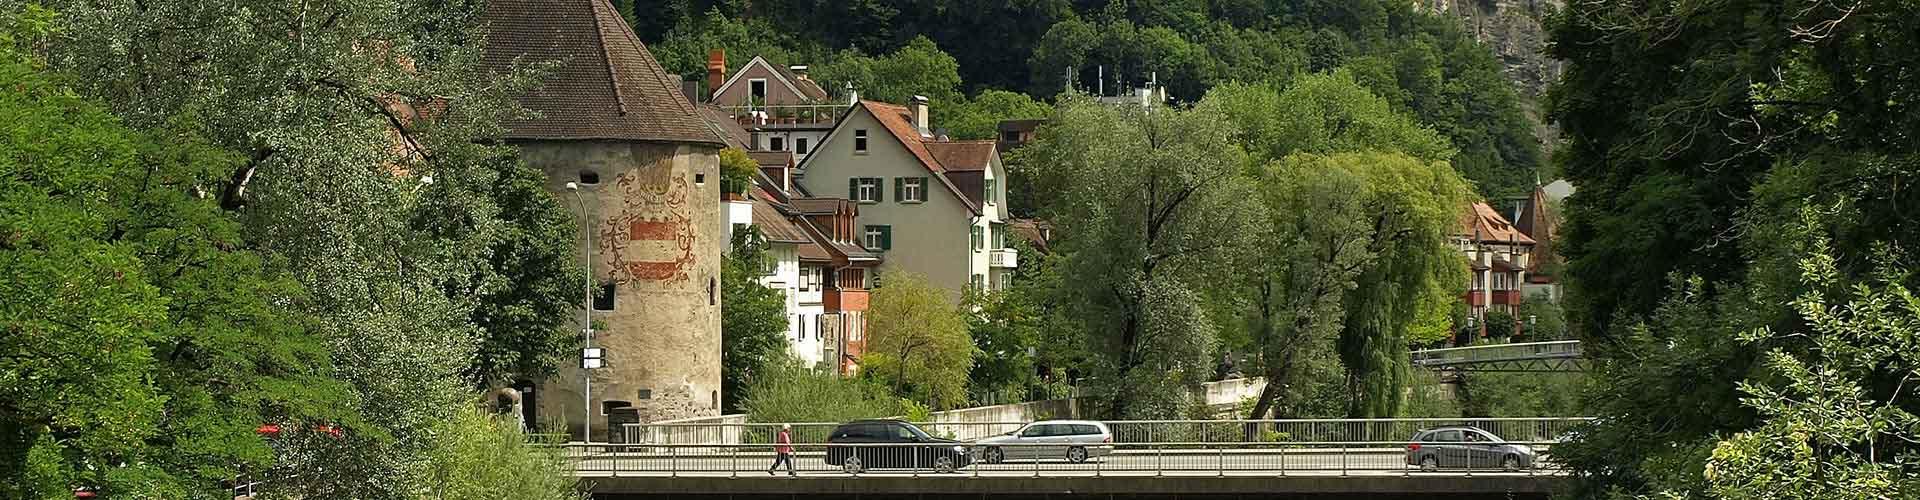 Feldkirch - Chambres à Feldkirch. Cartes pour Feldkirch, photos et commentaires pour chaque chambre à Feldkirch.